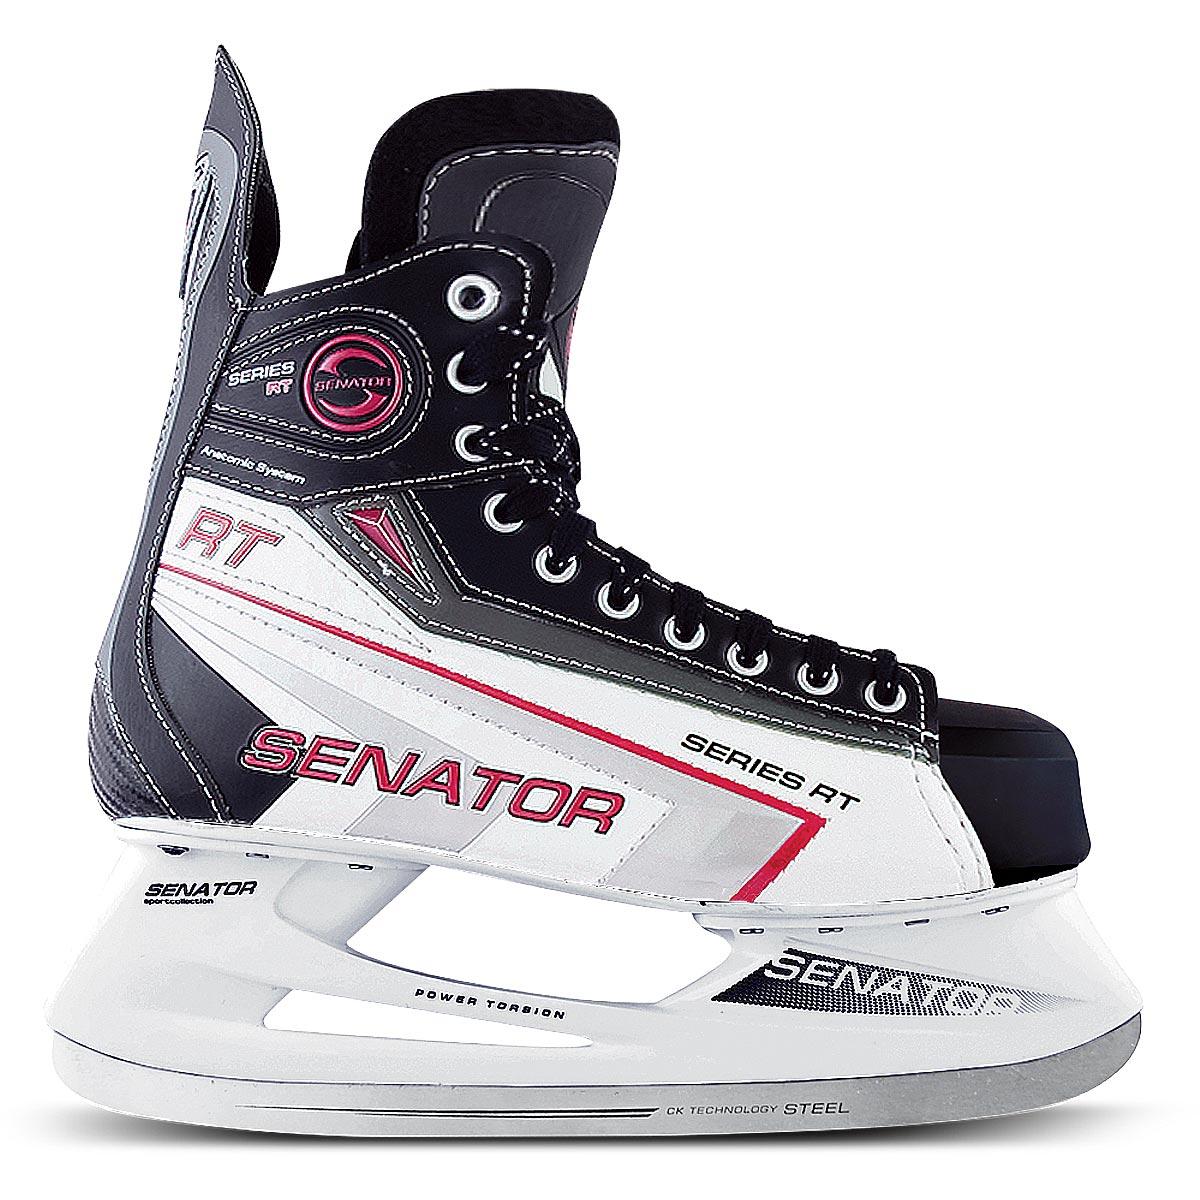 Коньки хоккейные мужские СК Senator RT, цвет: черный, белый. Размер 43SENATOR RT_черный, белый_43Стильные коньки от CK прекрасно подойдут для начинающих игроков в хоккей. Ботинок выполнен из морозоустойчивой искусственной кожи и ПВХ. Мыс дополнен вставкой, которая защитит ноги от ударов. Внутренний слой и стелька изготовлены из мягкого вельвета, который обеспечит тепло и комфорт во время катания, язычок - из войлока. Плотная шнуровка надежно фиксирует модель на ноге. Анатомический голеностоп имеет удобный суппорт. По верху коньки декорированы оригинальным принтом и тиснением в виде логотипа бренда. Подошва - из твердого пластика. Стойка выполнена из ударопрочного поливинилхлорида. Лезвие из нержавеющей стали обеспечит превосходное скольжение. Оригинальные коньки придутся вам по душе.